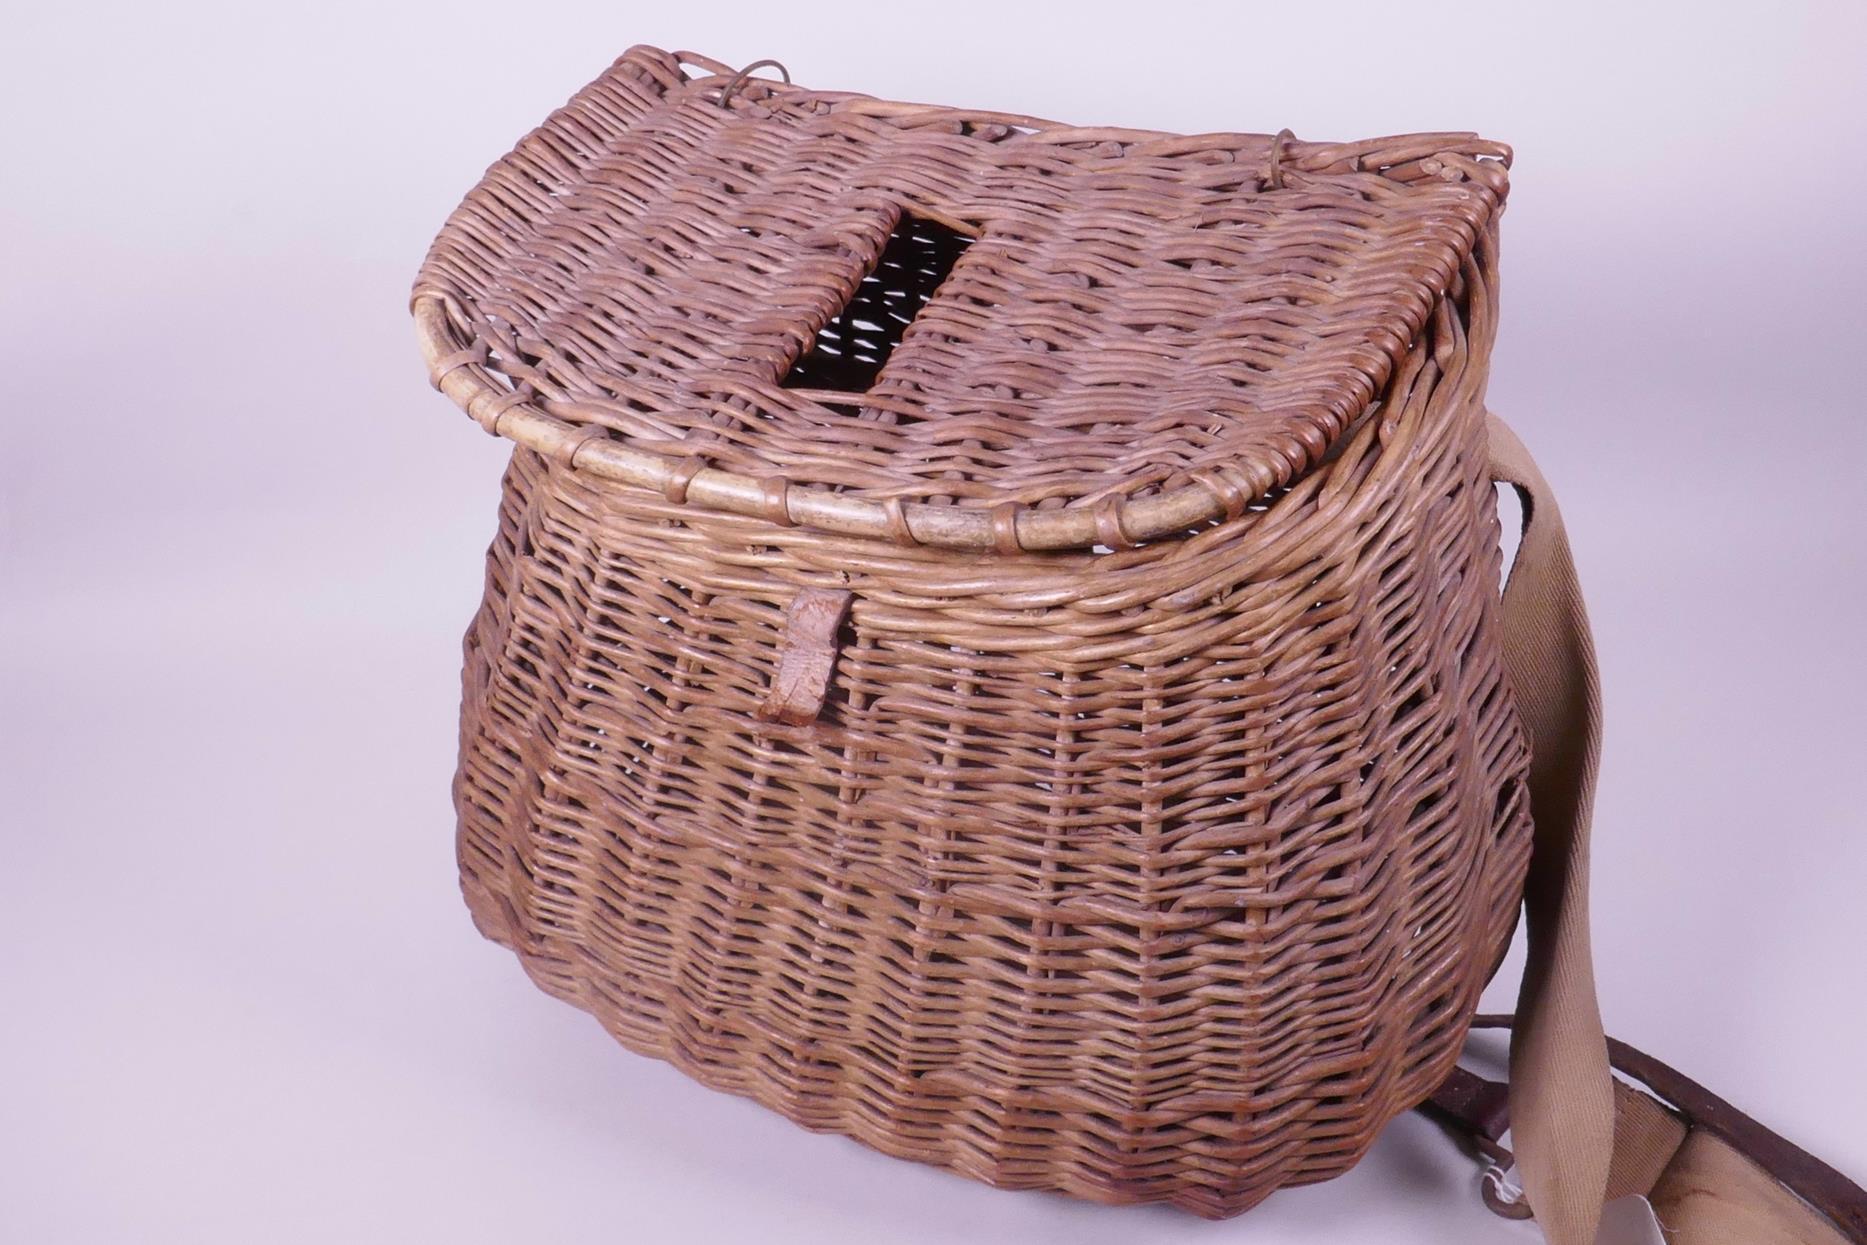 """Lot 30 - A vintage woven wicker fishing basket, 11"""" wide"""